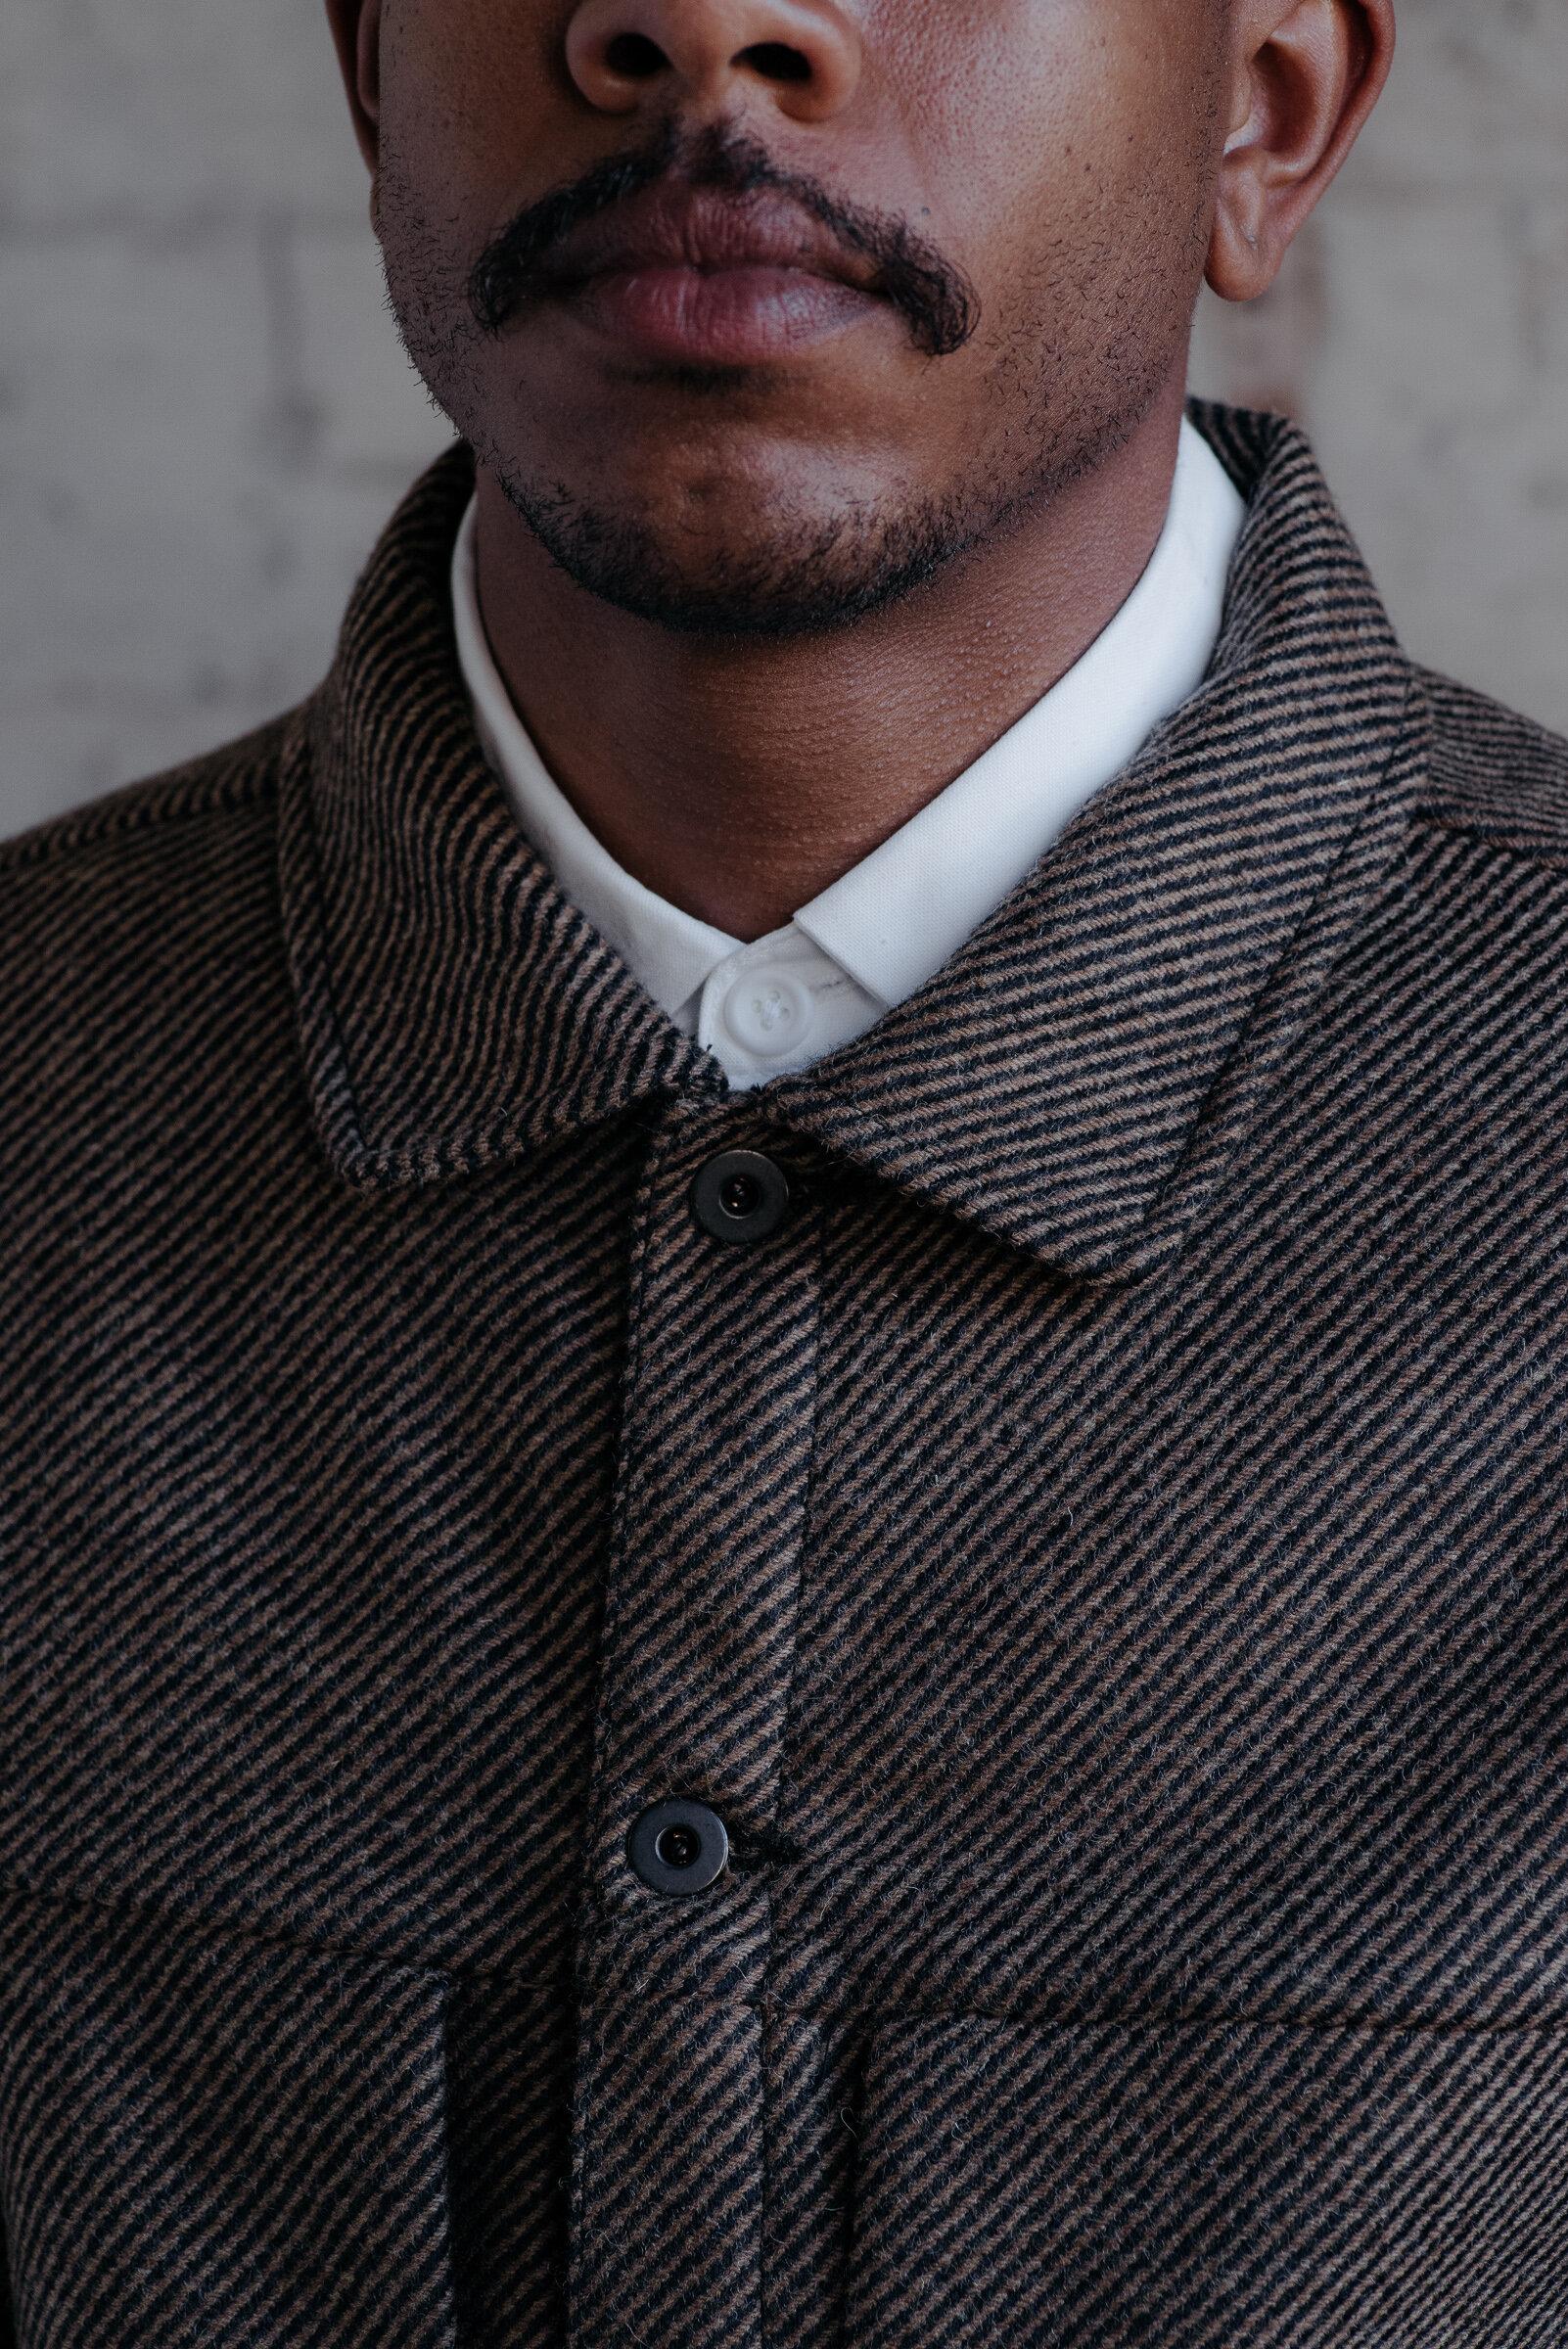 evan-kinori-pleated-jacket-lambswool-woven-in-ireland-5